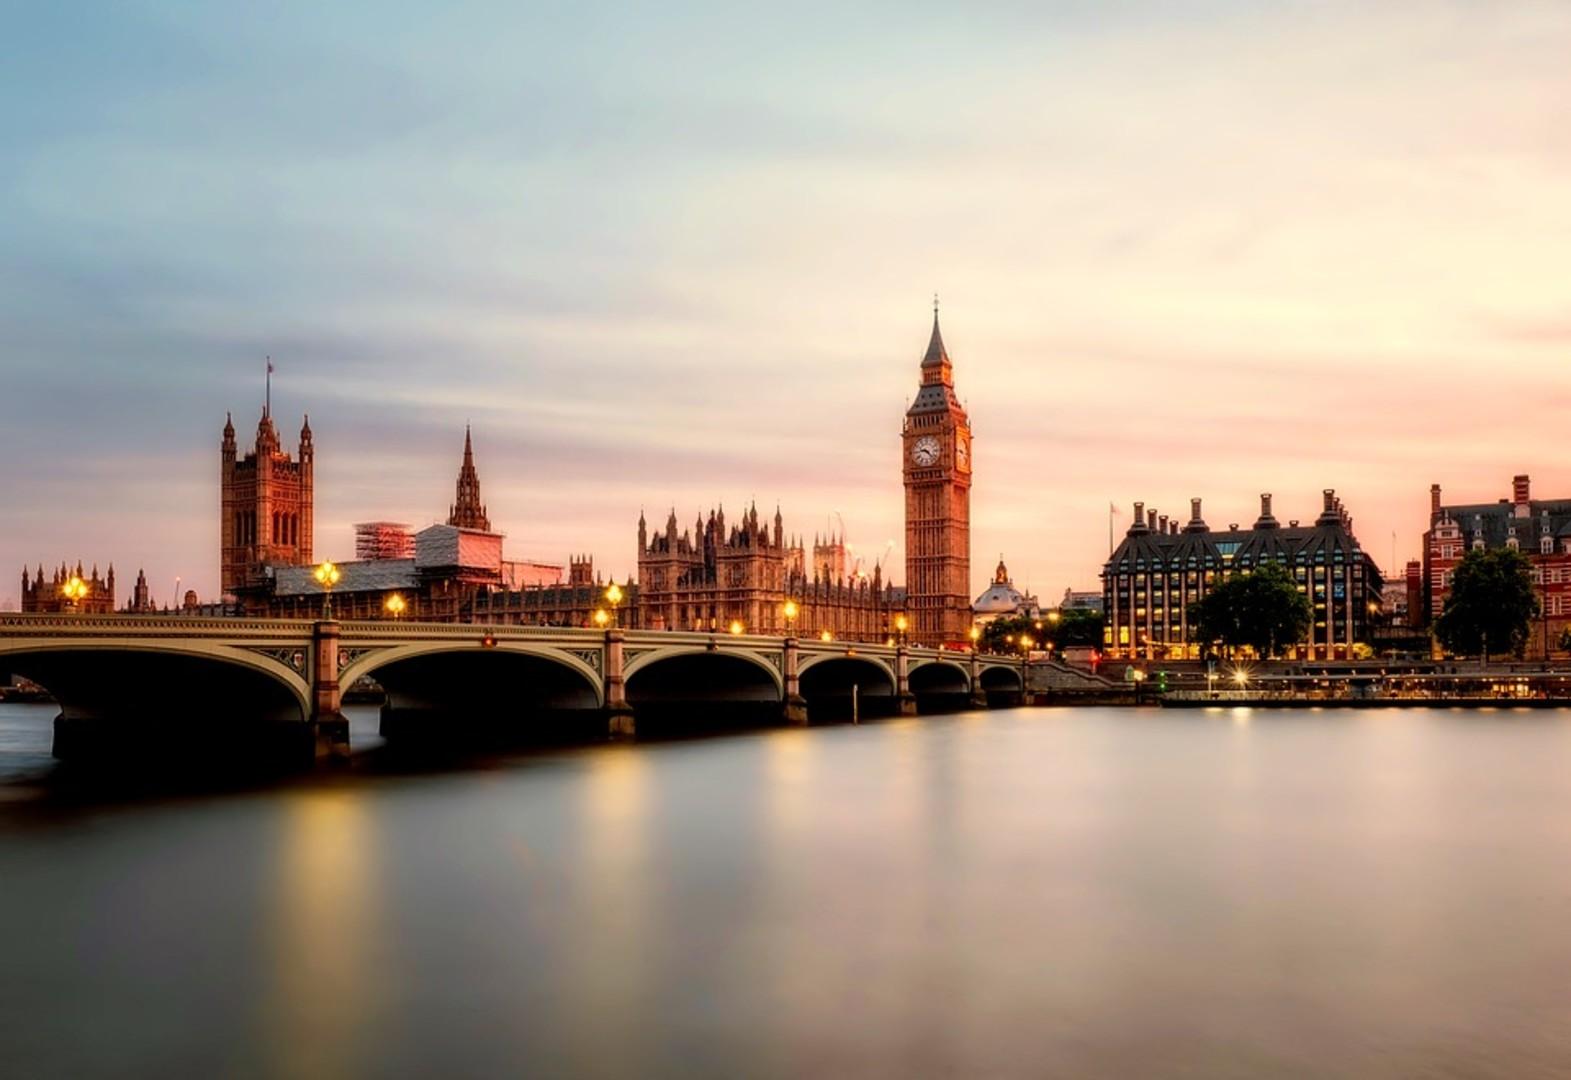 london-2393098_960_720.jpg